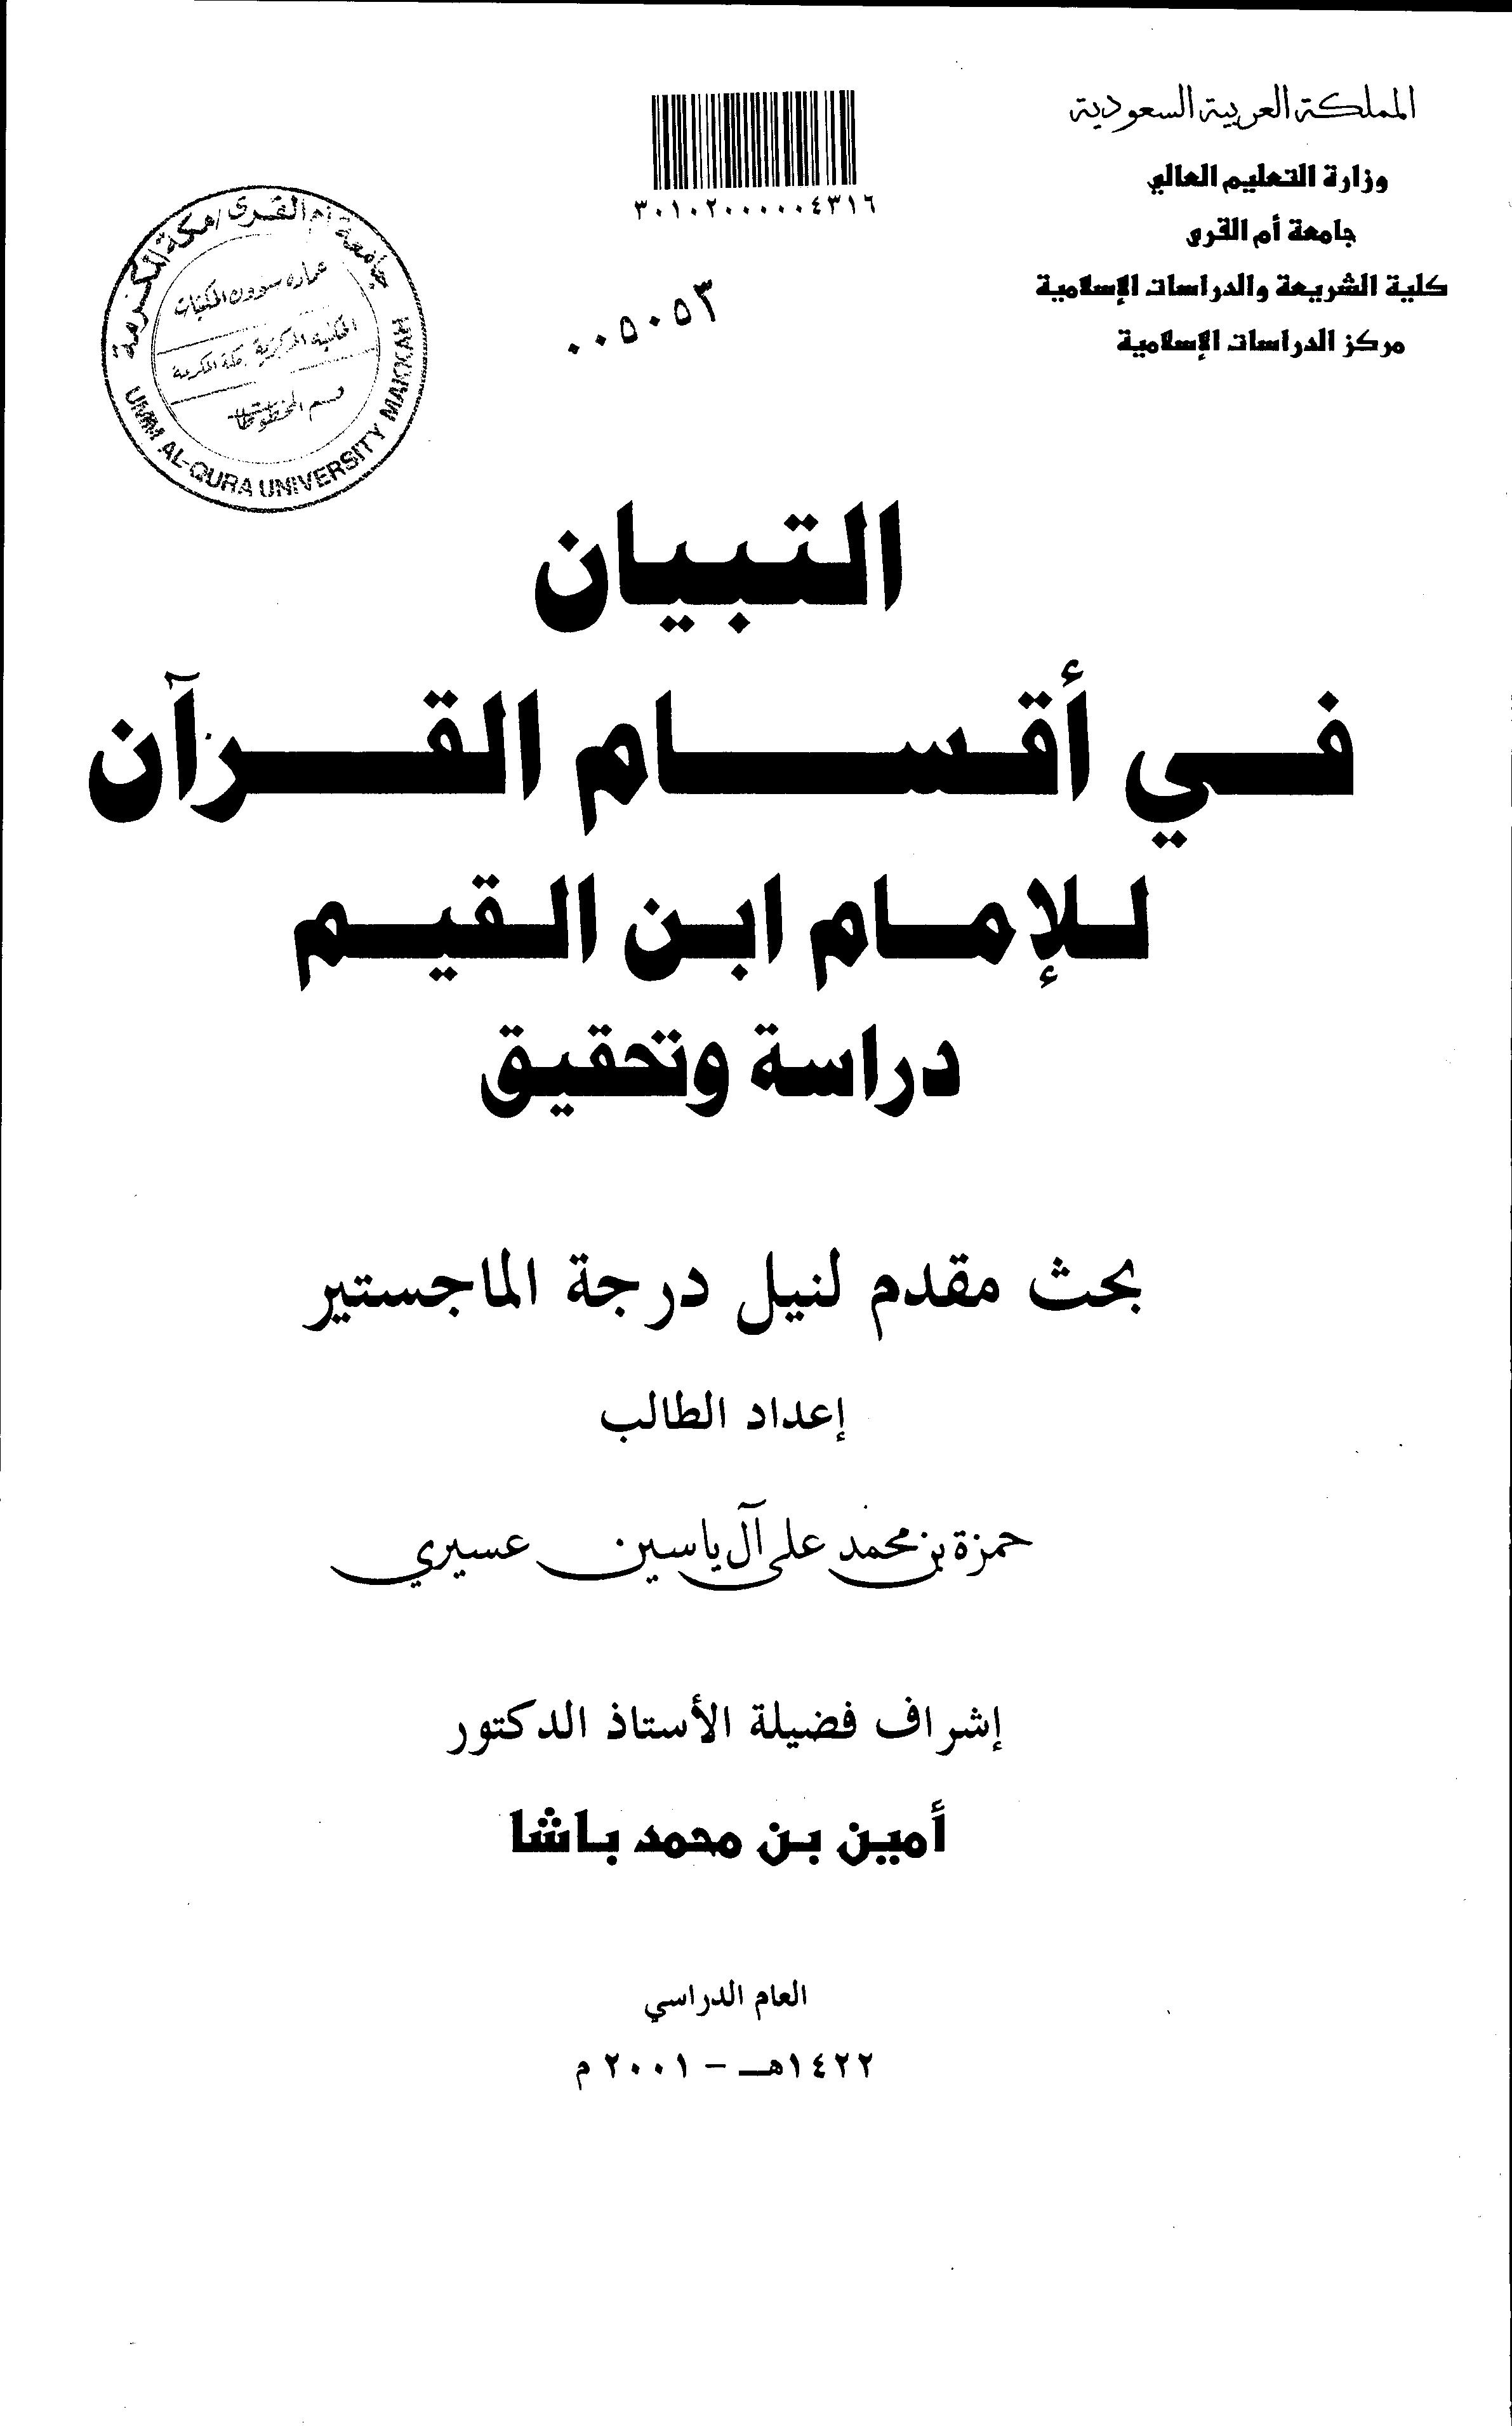 تحميل كتاب التبيان في أقسام القرآن (رسالة علمية) لـِ: الإمام محمد بن أبي بكر بن أيوب بن سعد شمس الدين، ابن قيم الجوزية (ت 751)